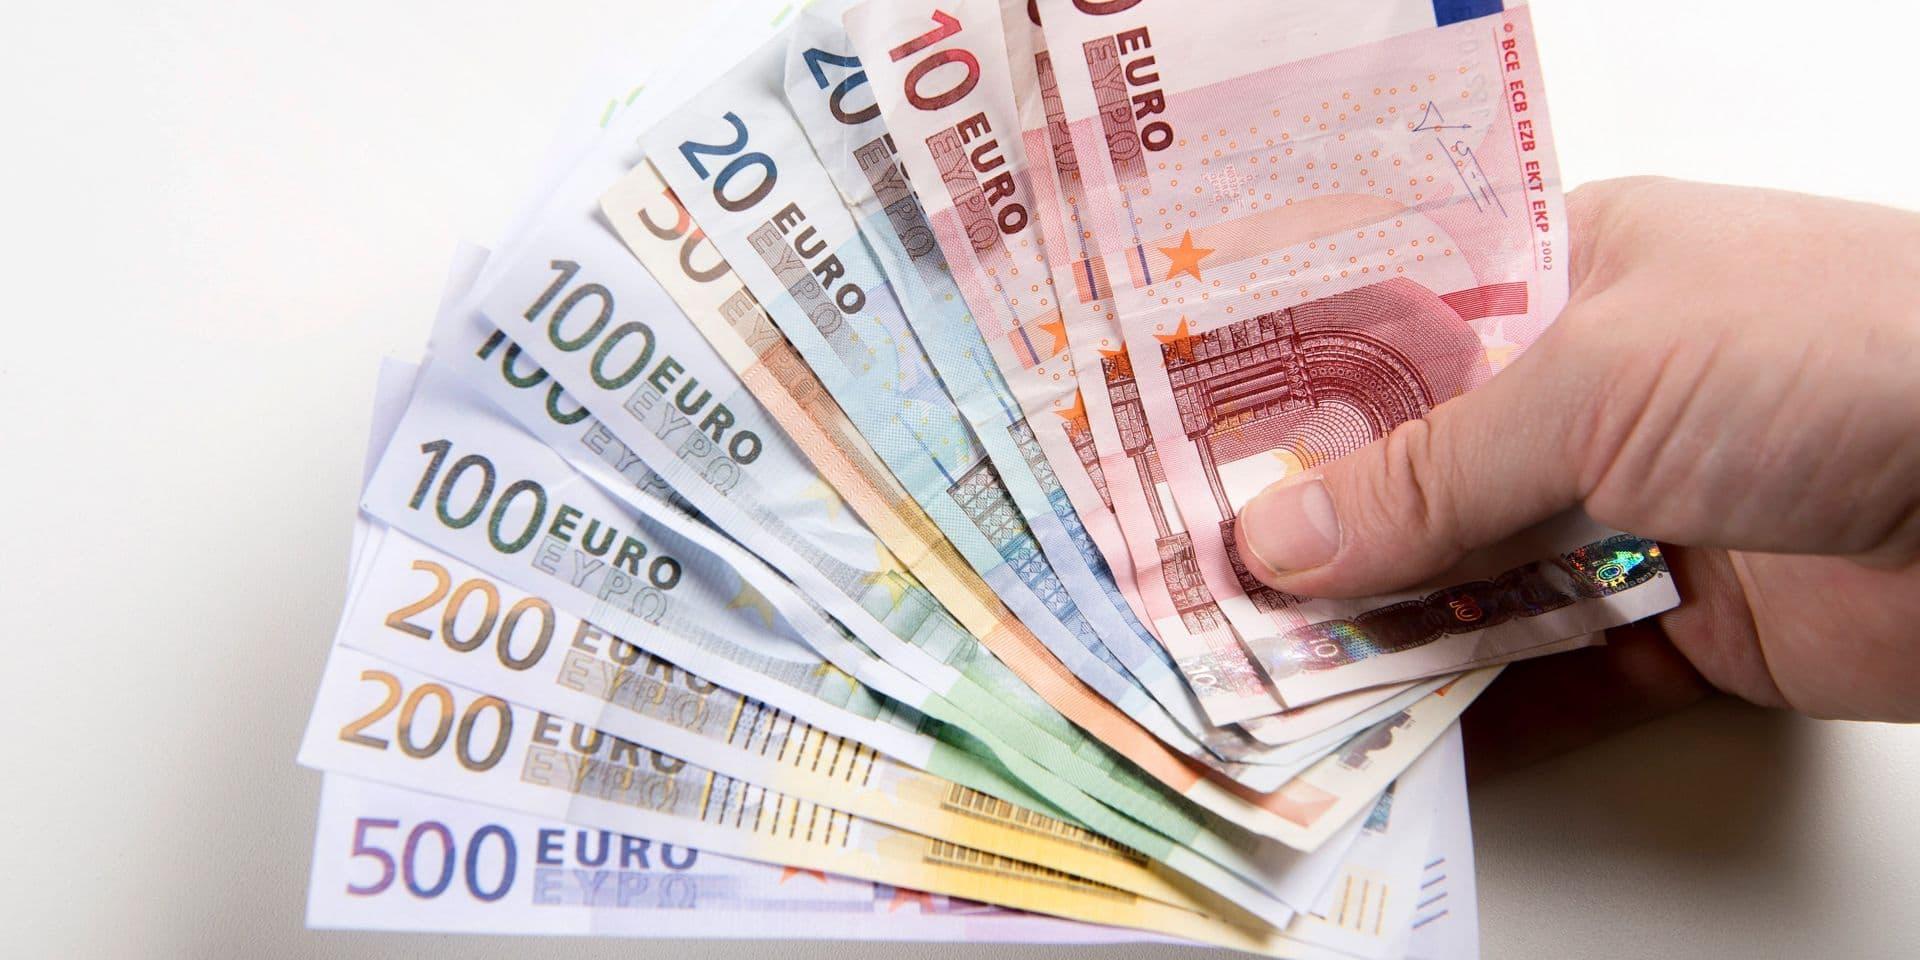 Le fossé des revenus se creuse en Belgique: les écarts sont plus criants dans certaines régions du pays